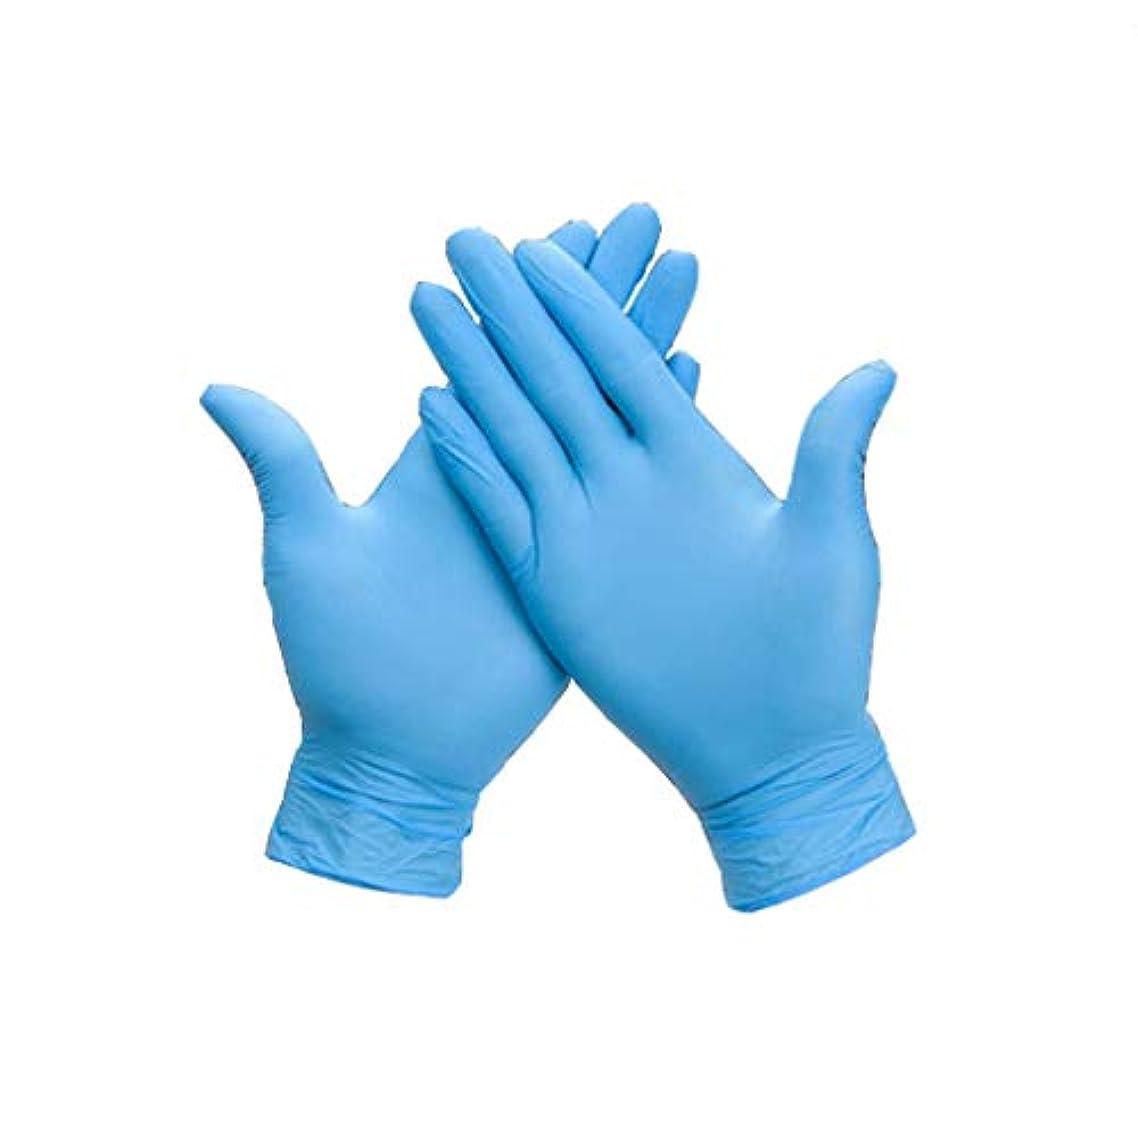 常識読む浮く手袋使い捨ての健康診断ニトリル手袋食品グレード輸入青粉フリー丁清の手袋200 (サイズ さいず : L l)